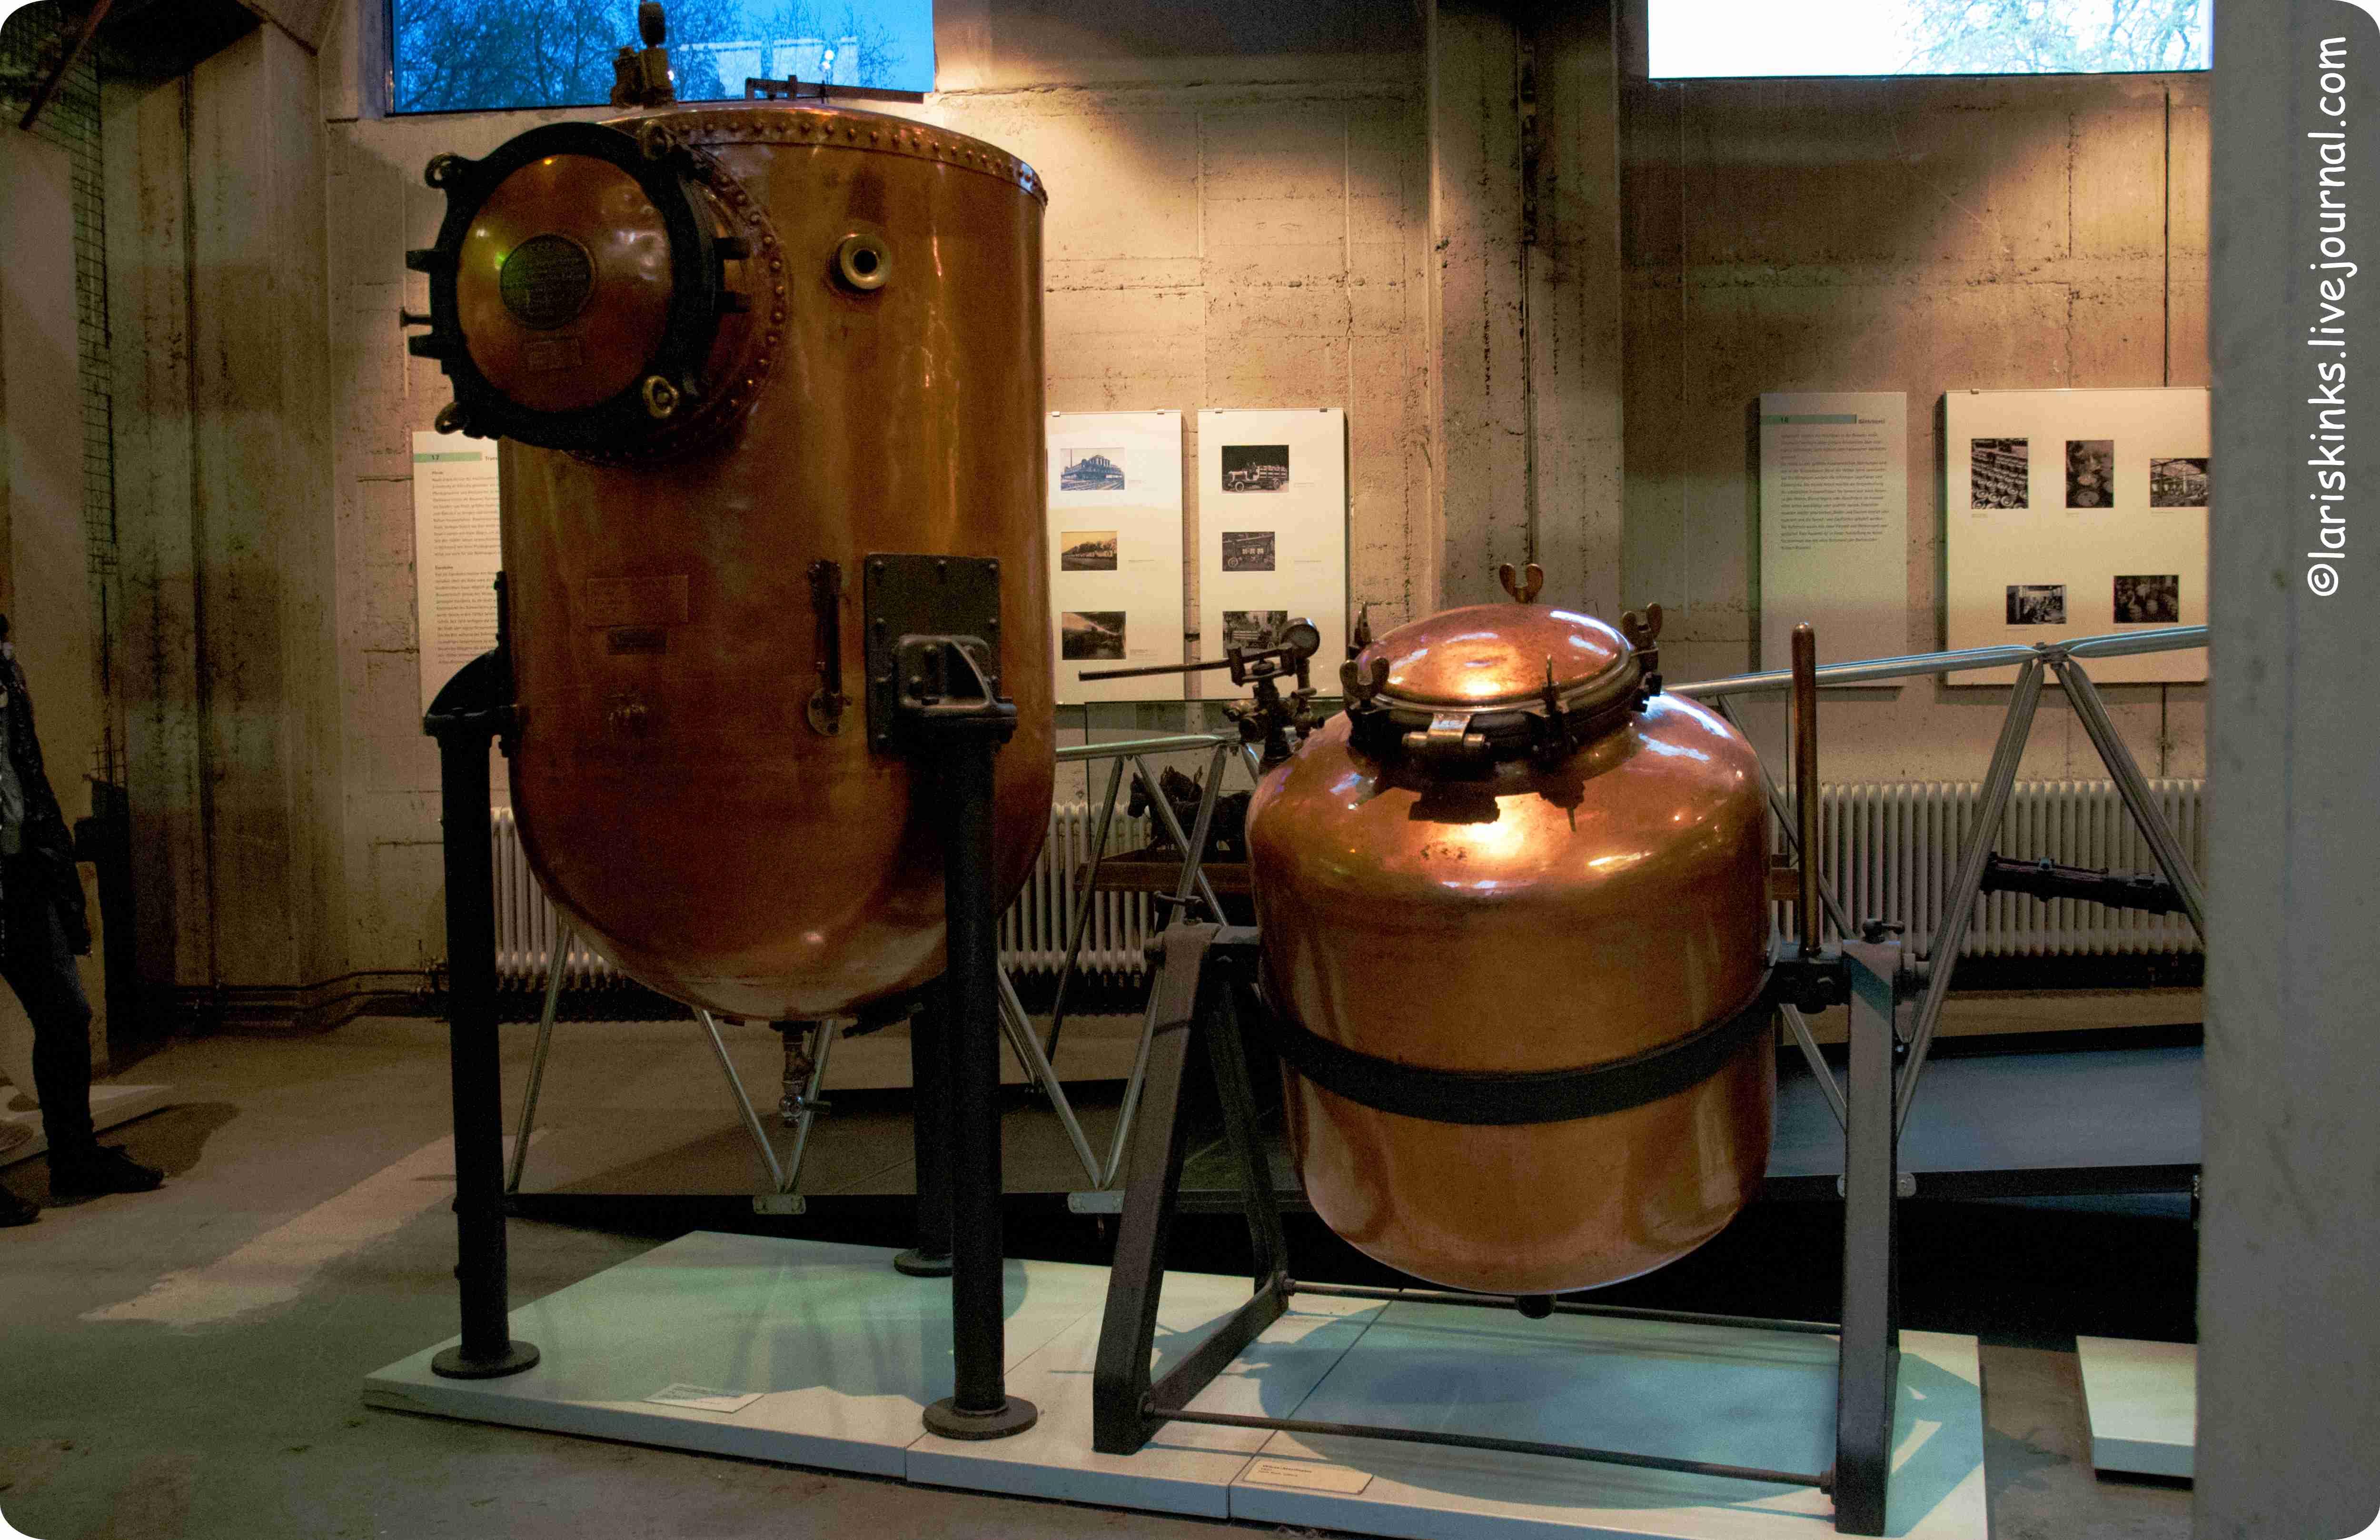 Элементы производства пива в Музее Пива (Дортмунд, Германия) 06